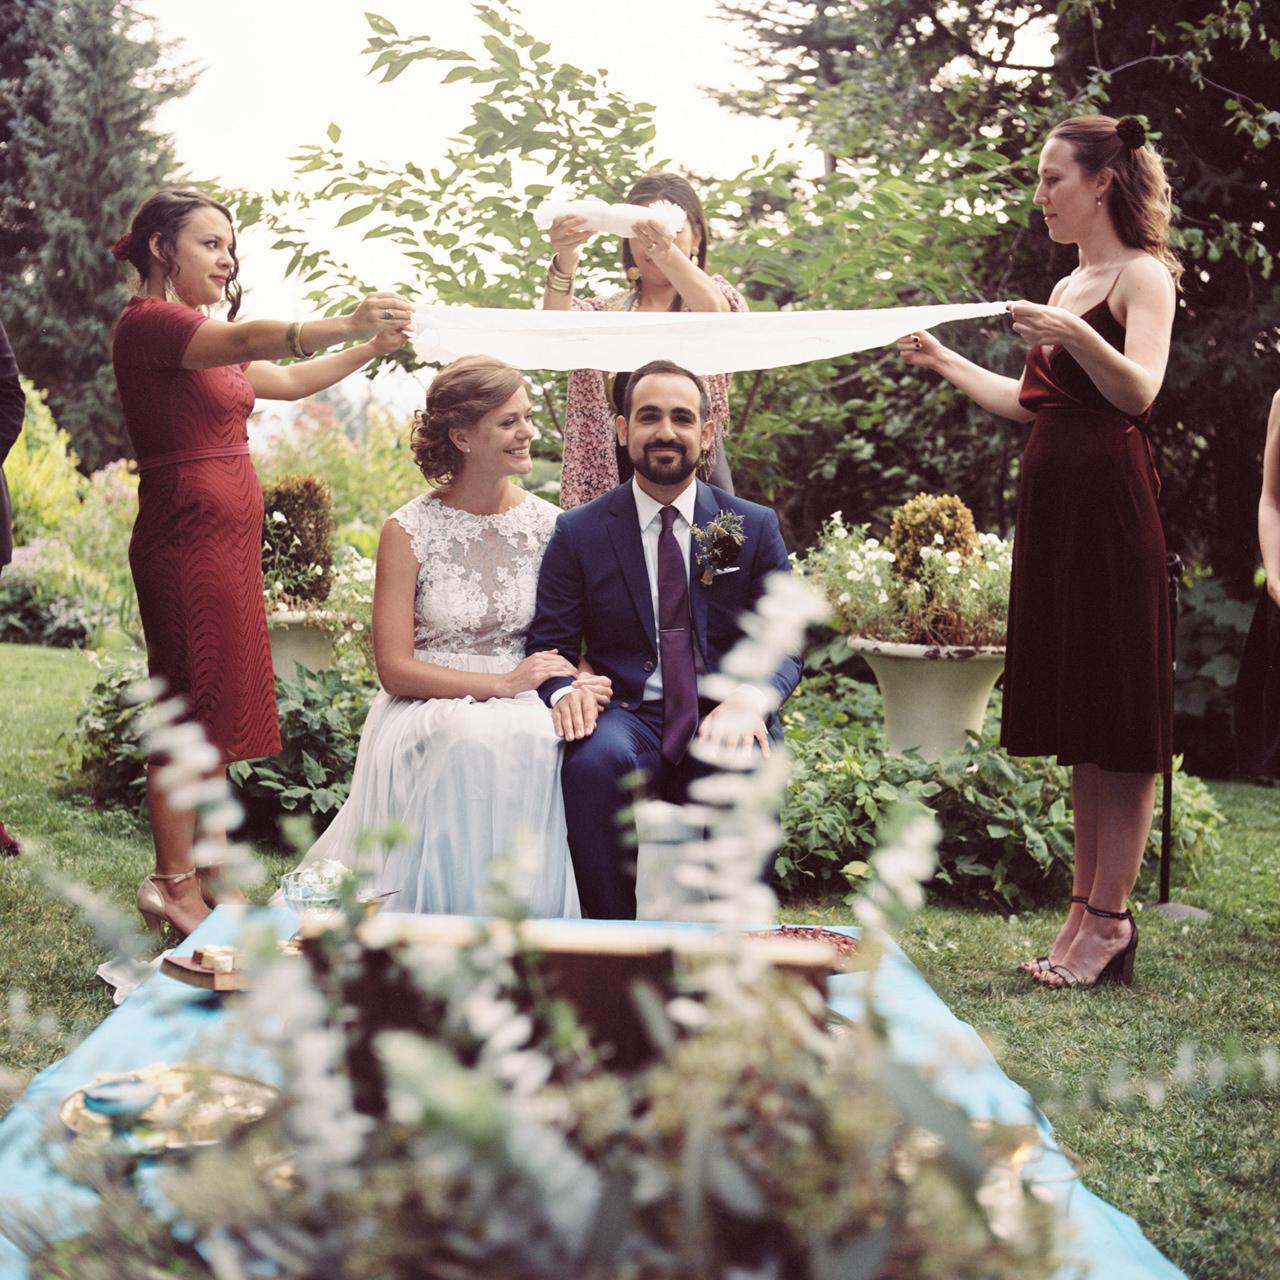 mt-hood-organic-farms-film-wedding-16.jpg